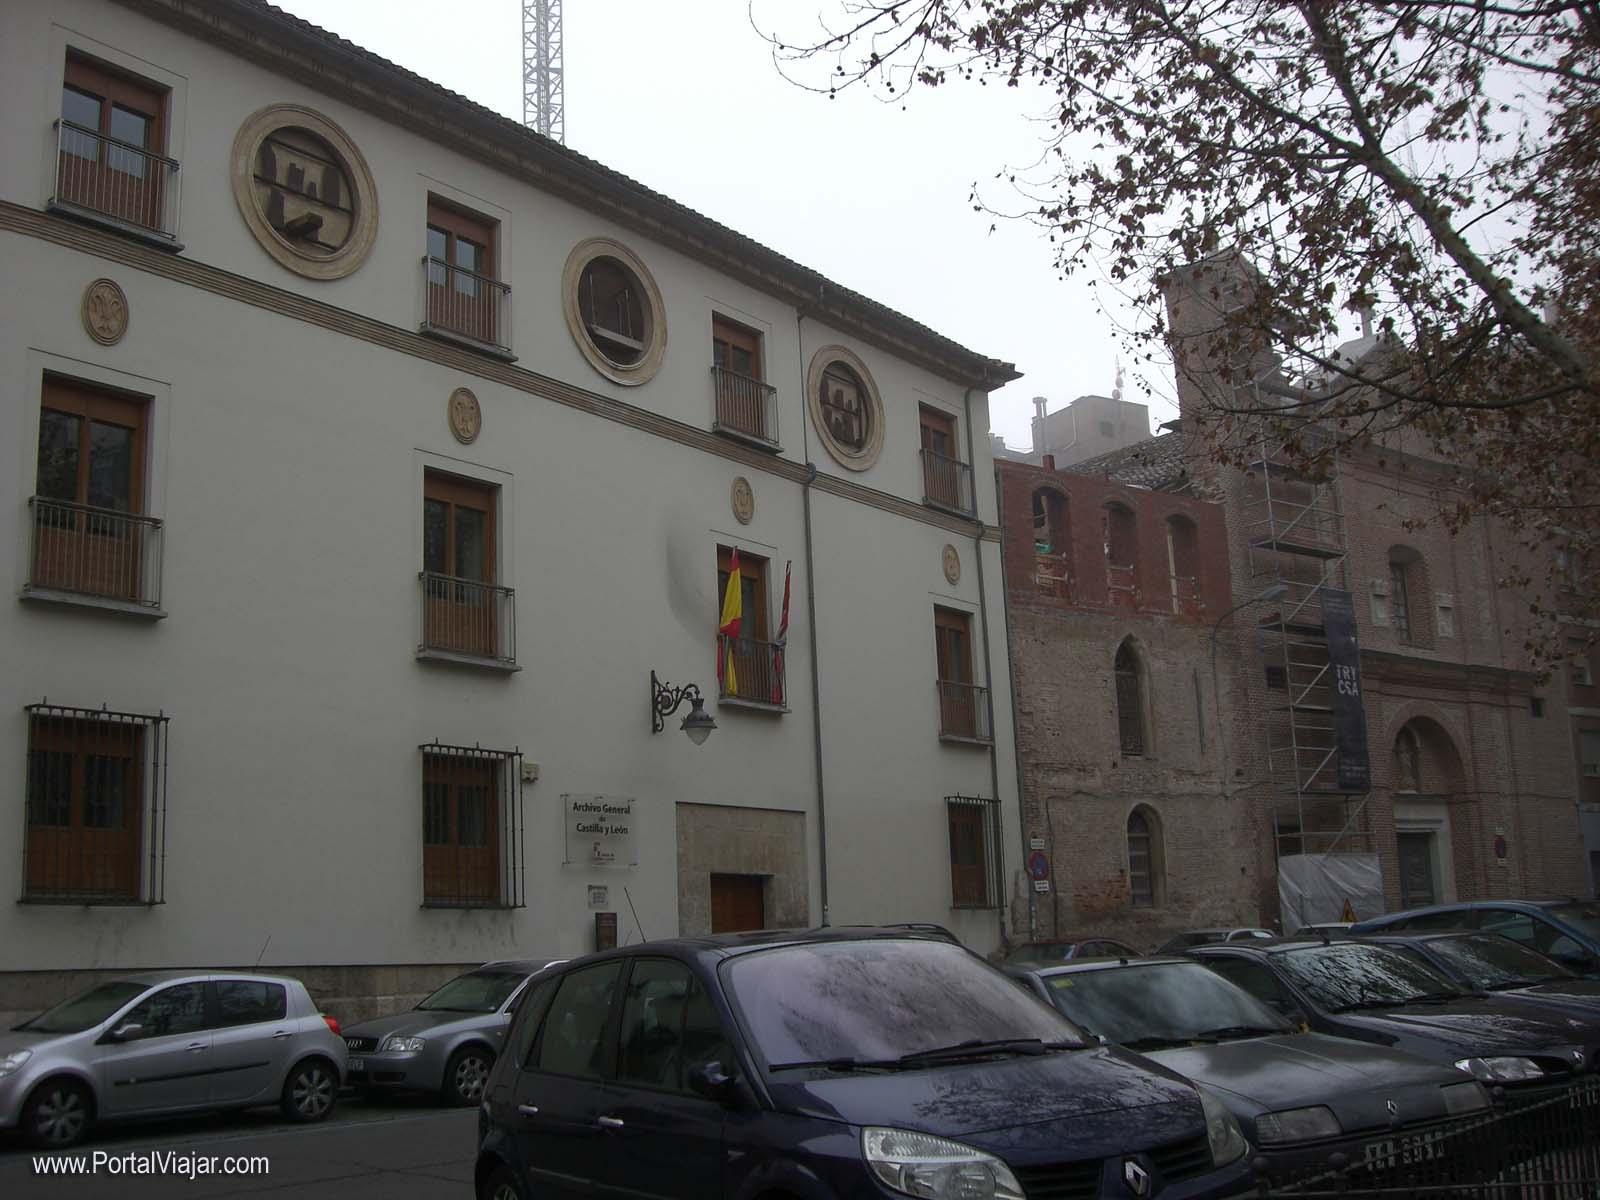 Convento de Santa Brígida (Valladolid)